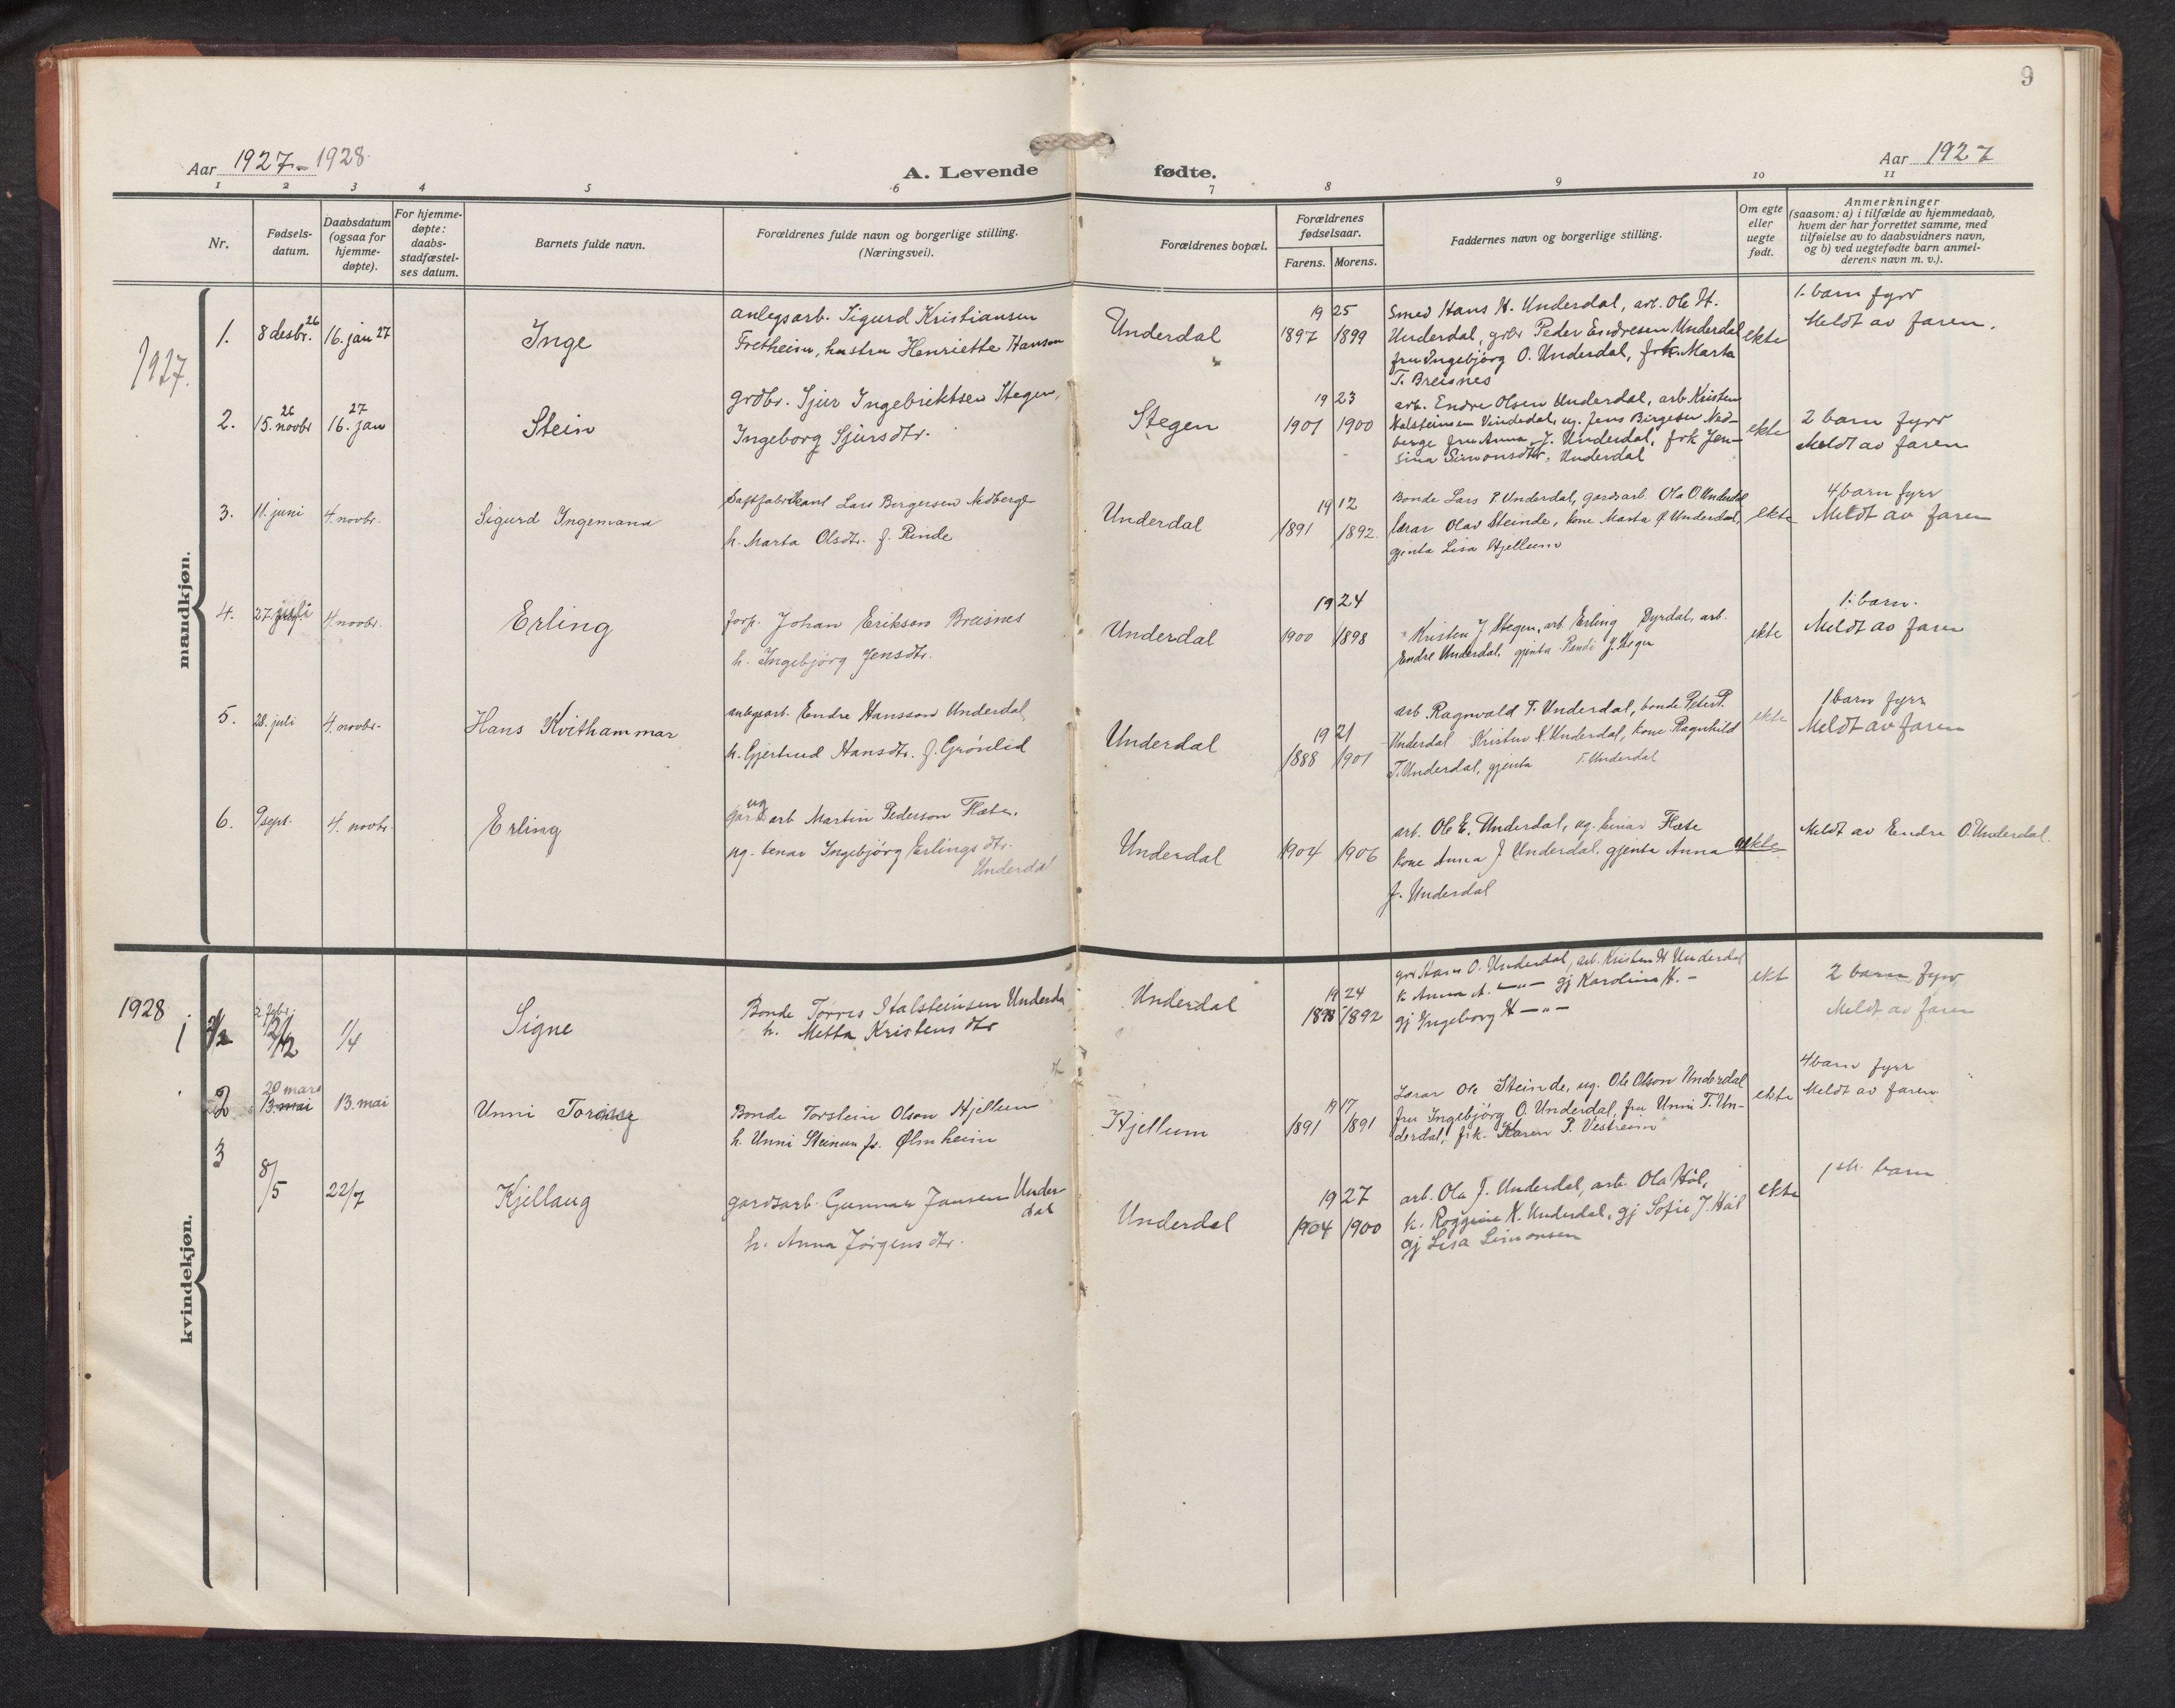 SAB, Aurland sokneprestembete, H/Hb/Hbd/L0003: Parish register (copy) no. D 3, 1920-1968, p. 8b-9a